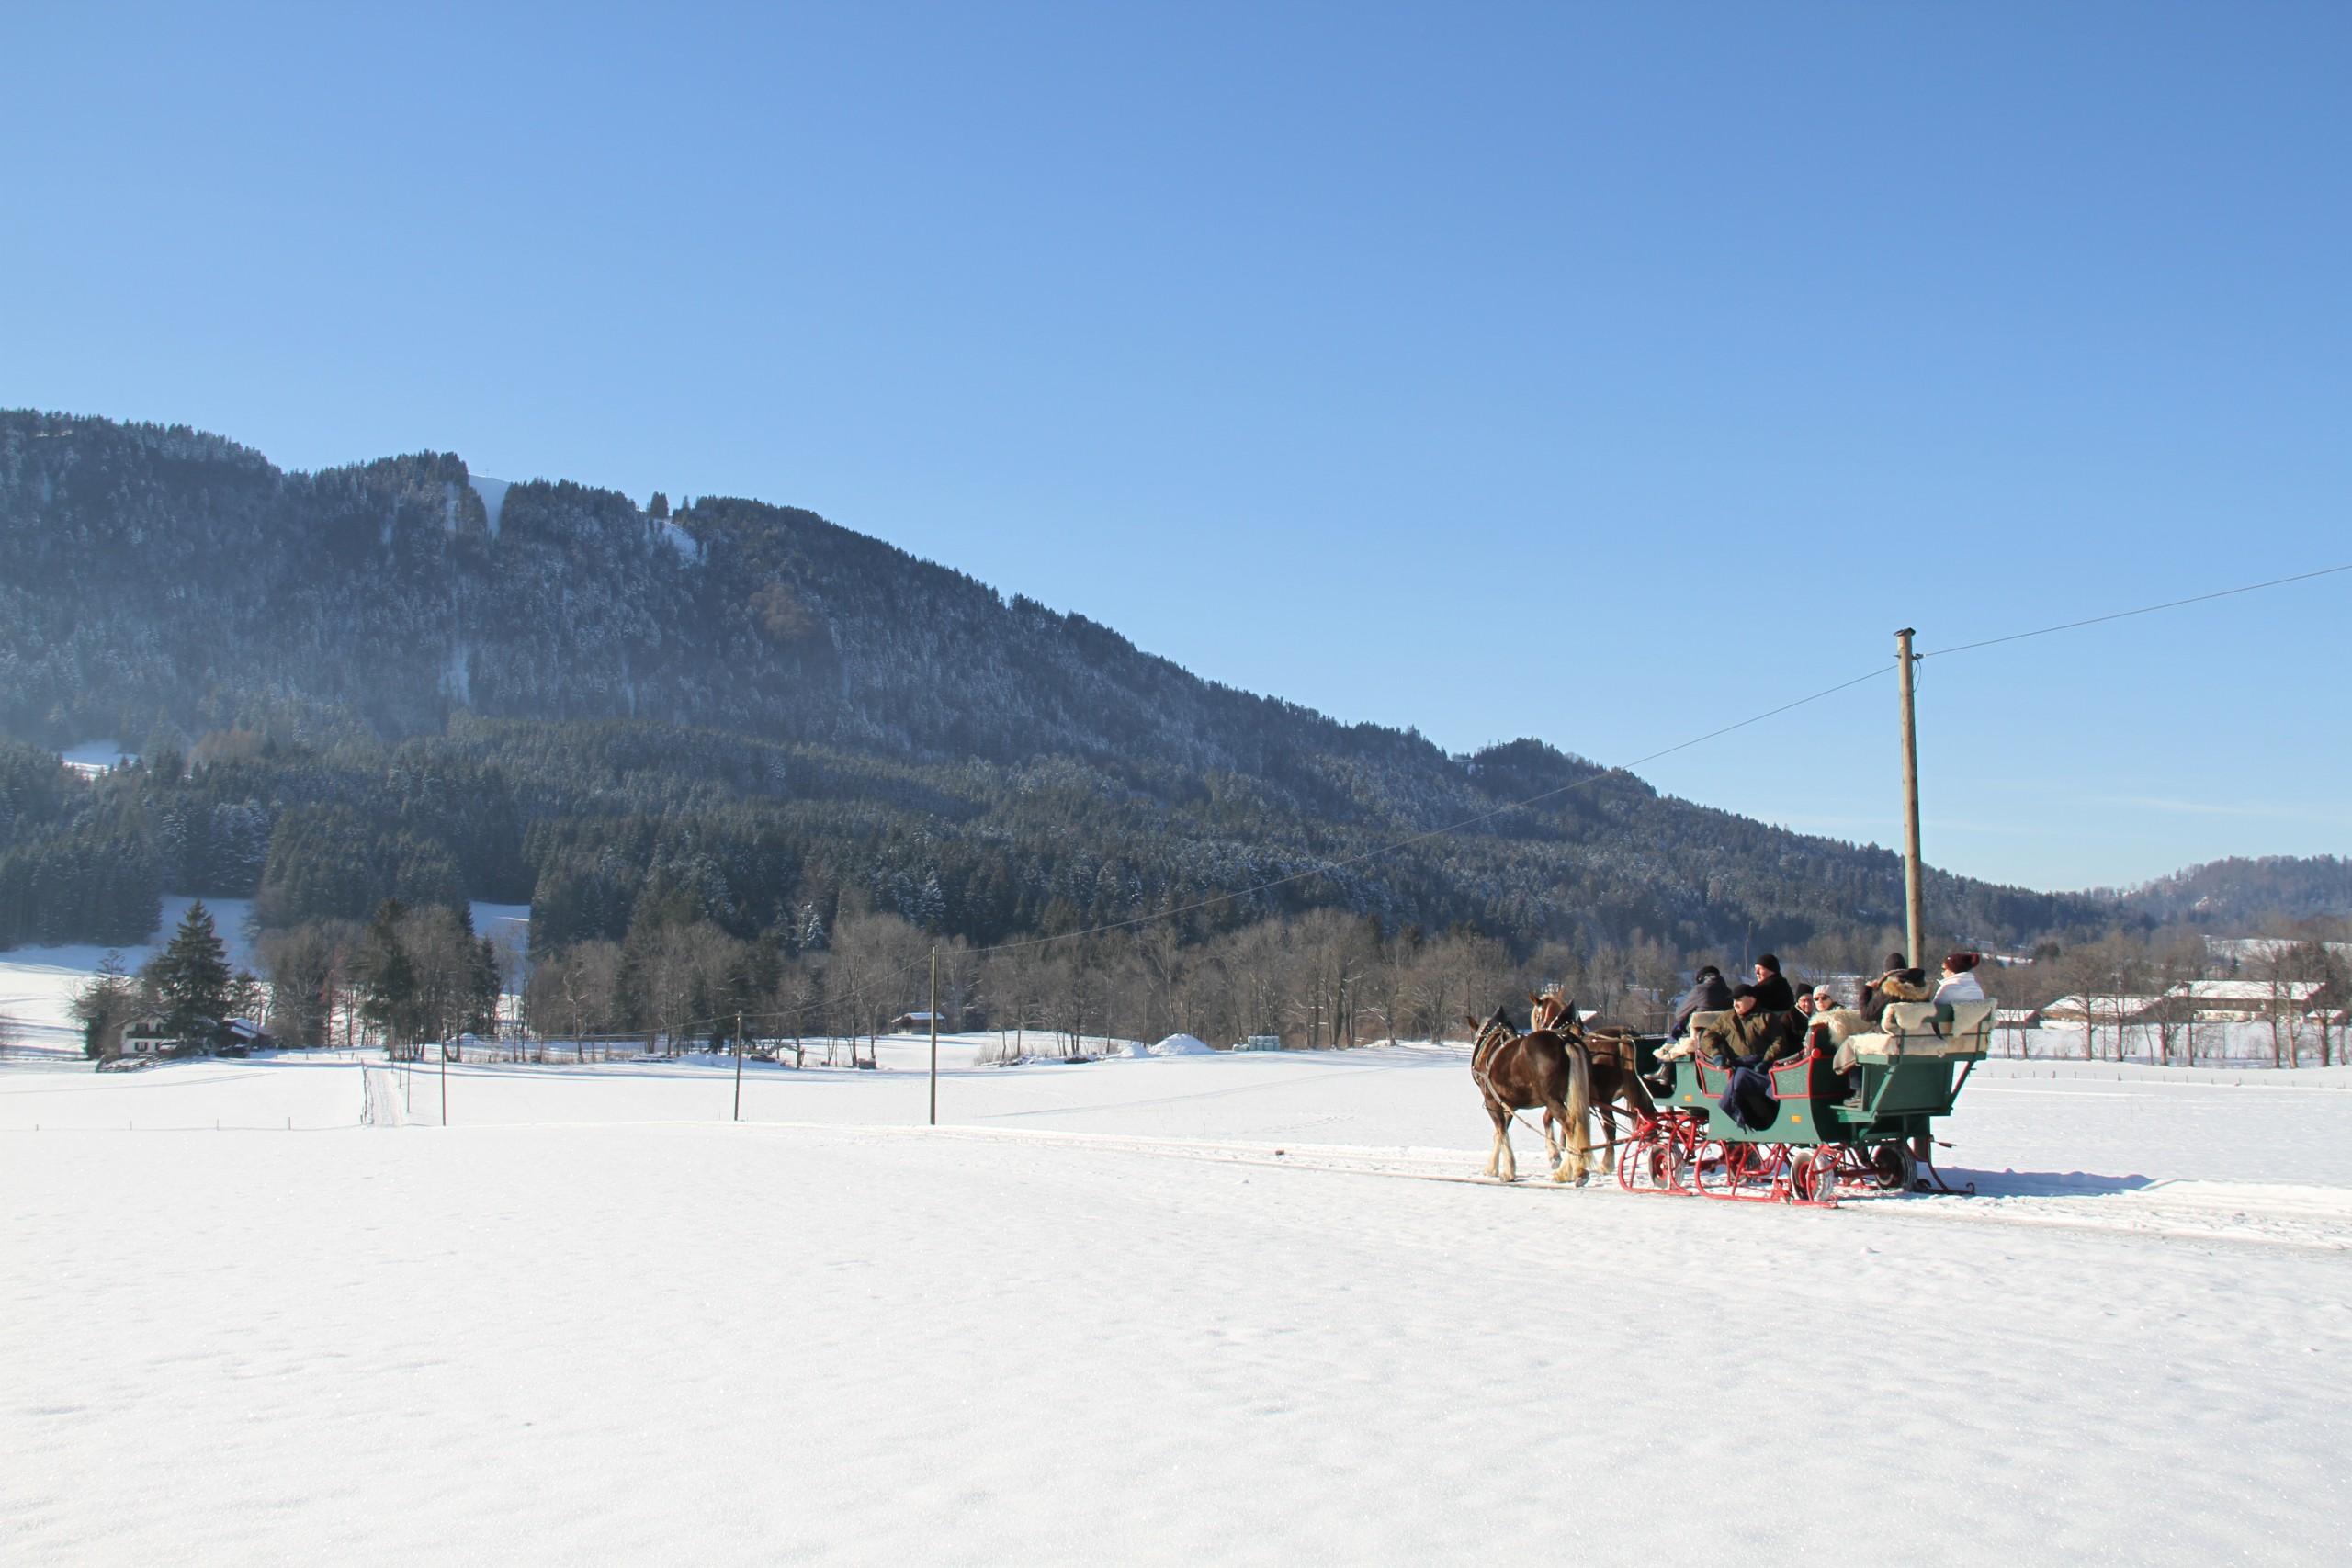 Pferdeschlittenfahrt in Bad Tölz